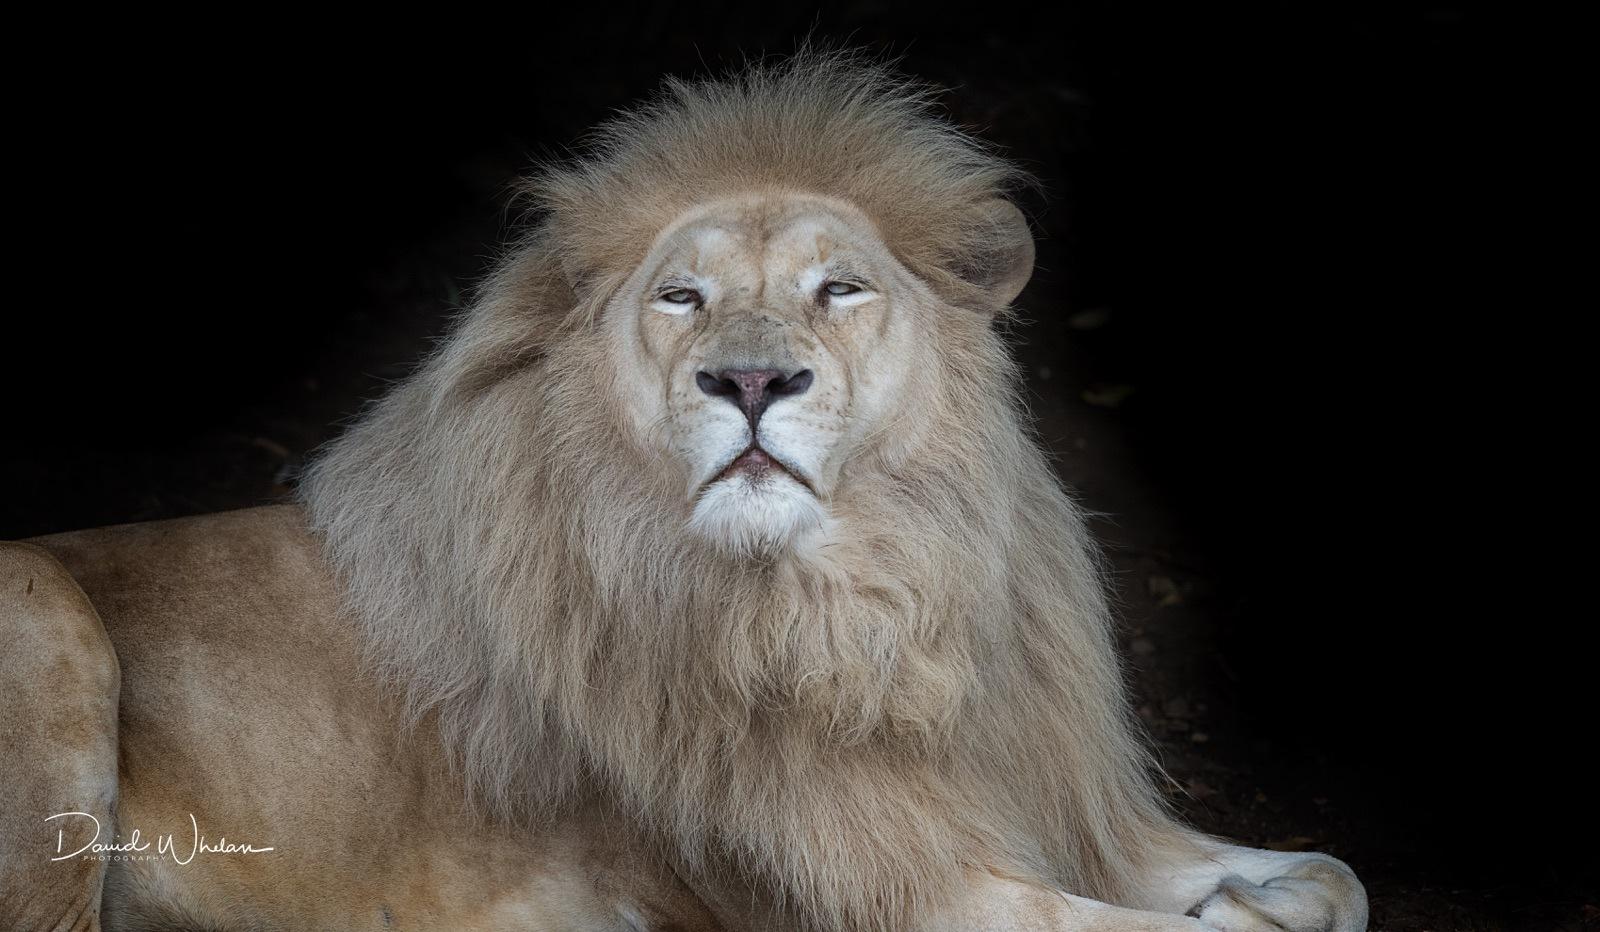 White lion by David Whelan